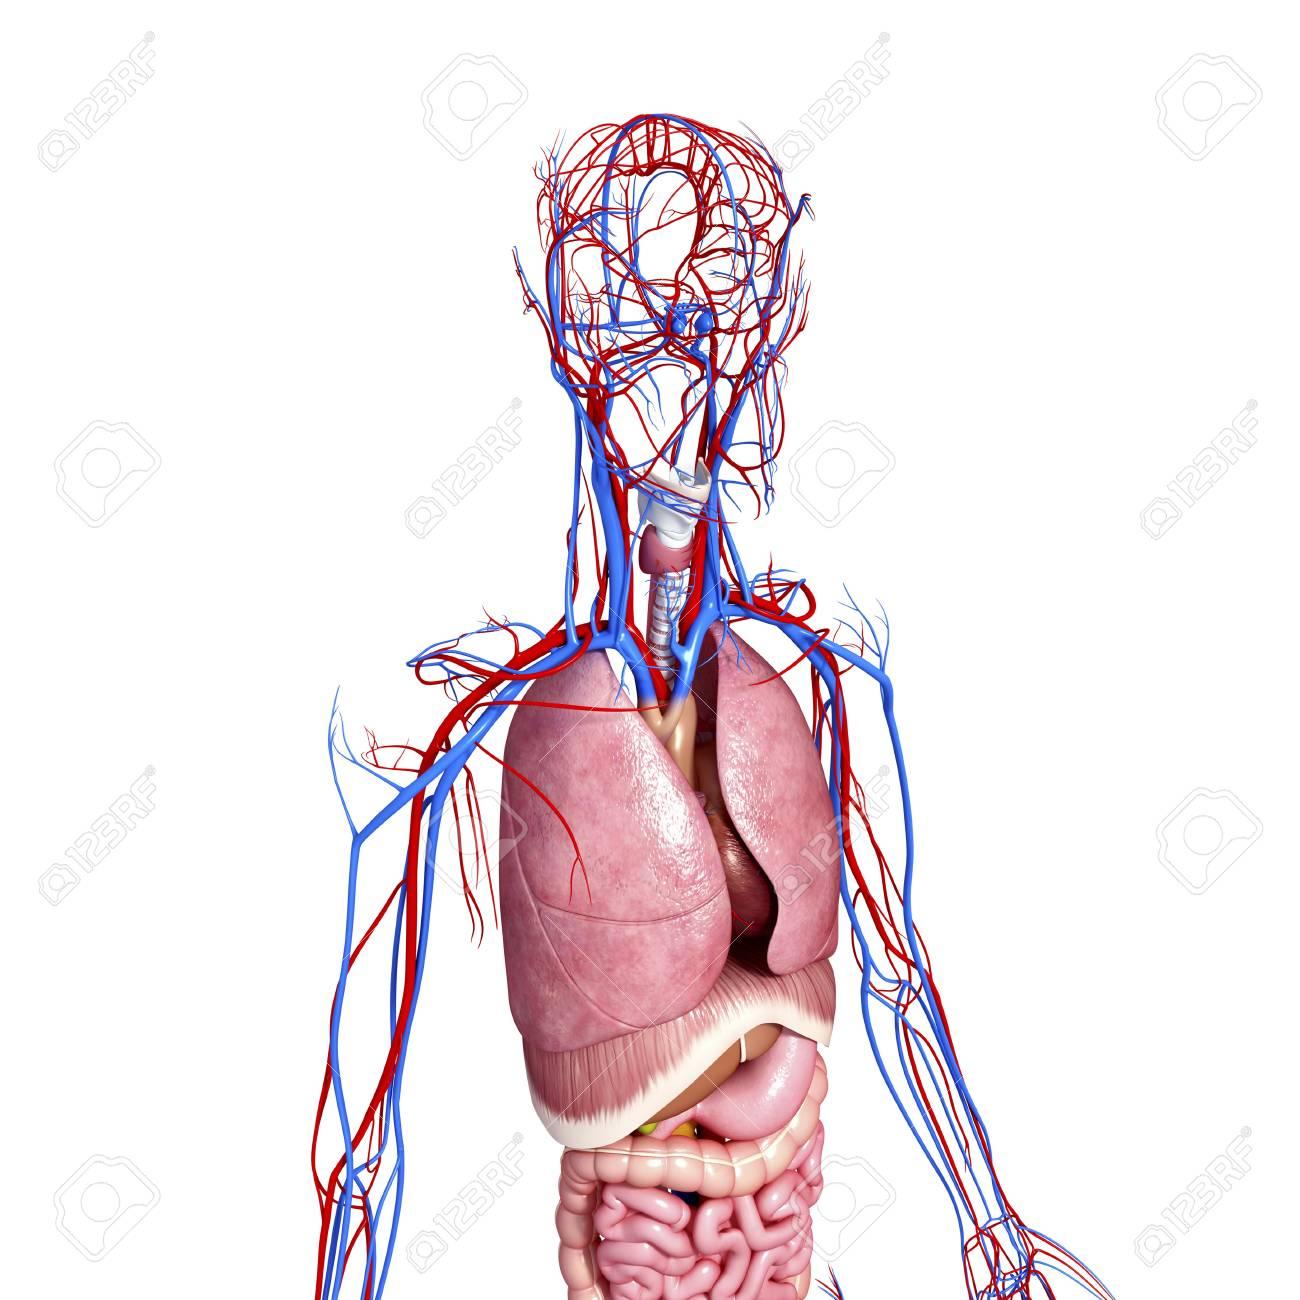 Menschliche Anatomie, Grafik Lizenzfreie Fotos, Bilder Und Stock ...